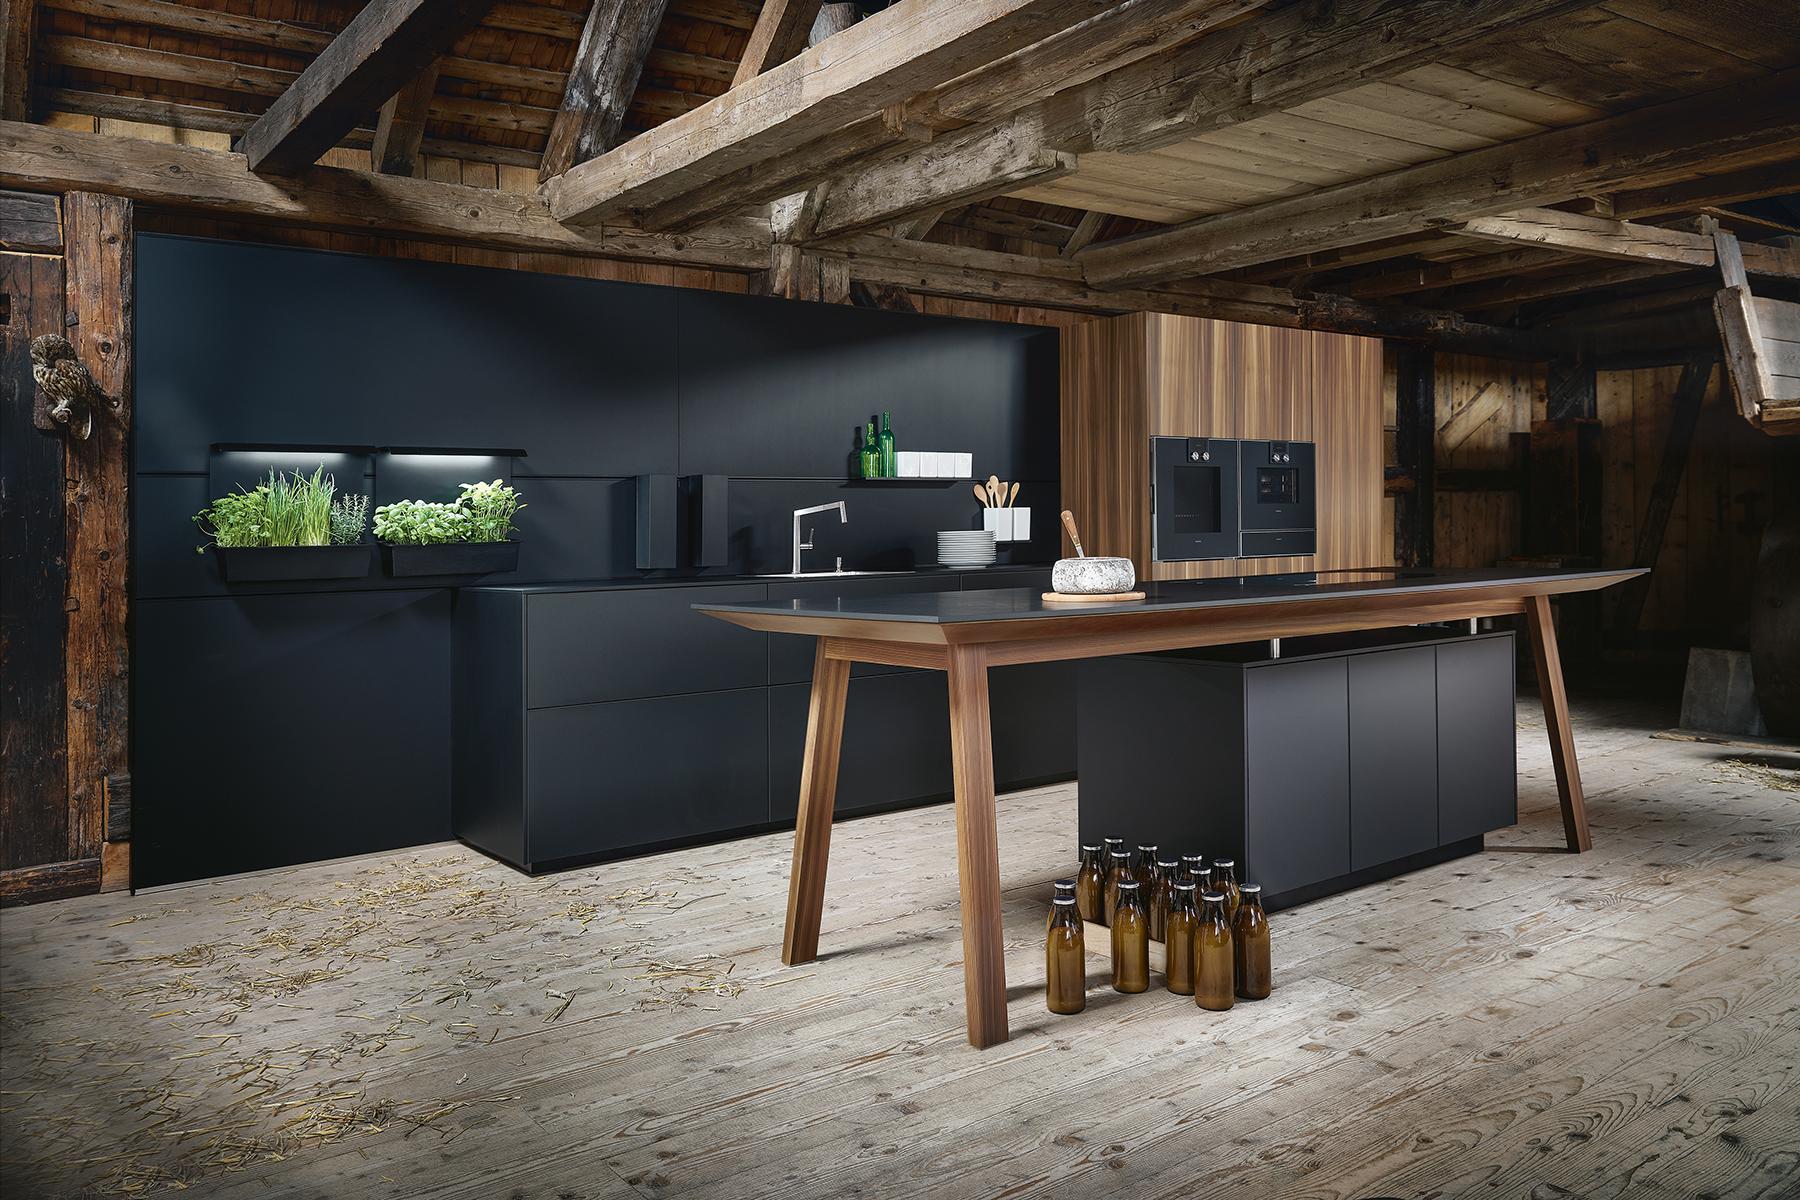 Full Size of Landhausküche Weiß Weisse Moderne Gebraucht Grau Wohnzimmer Landhausküche Wandfarbe